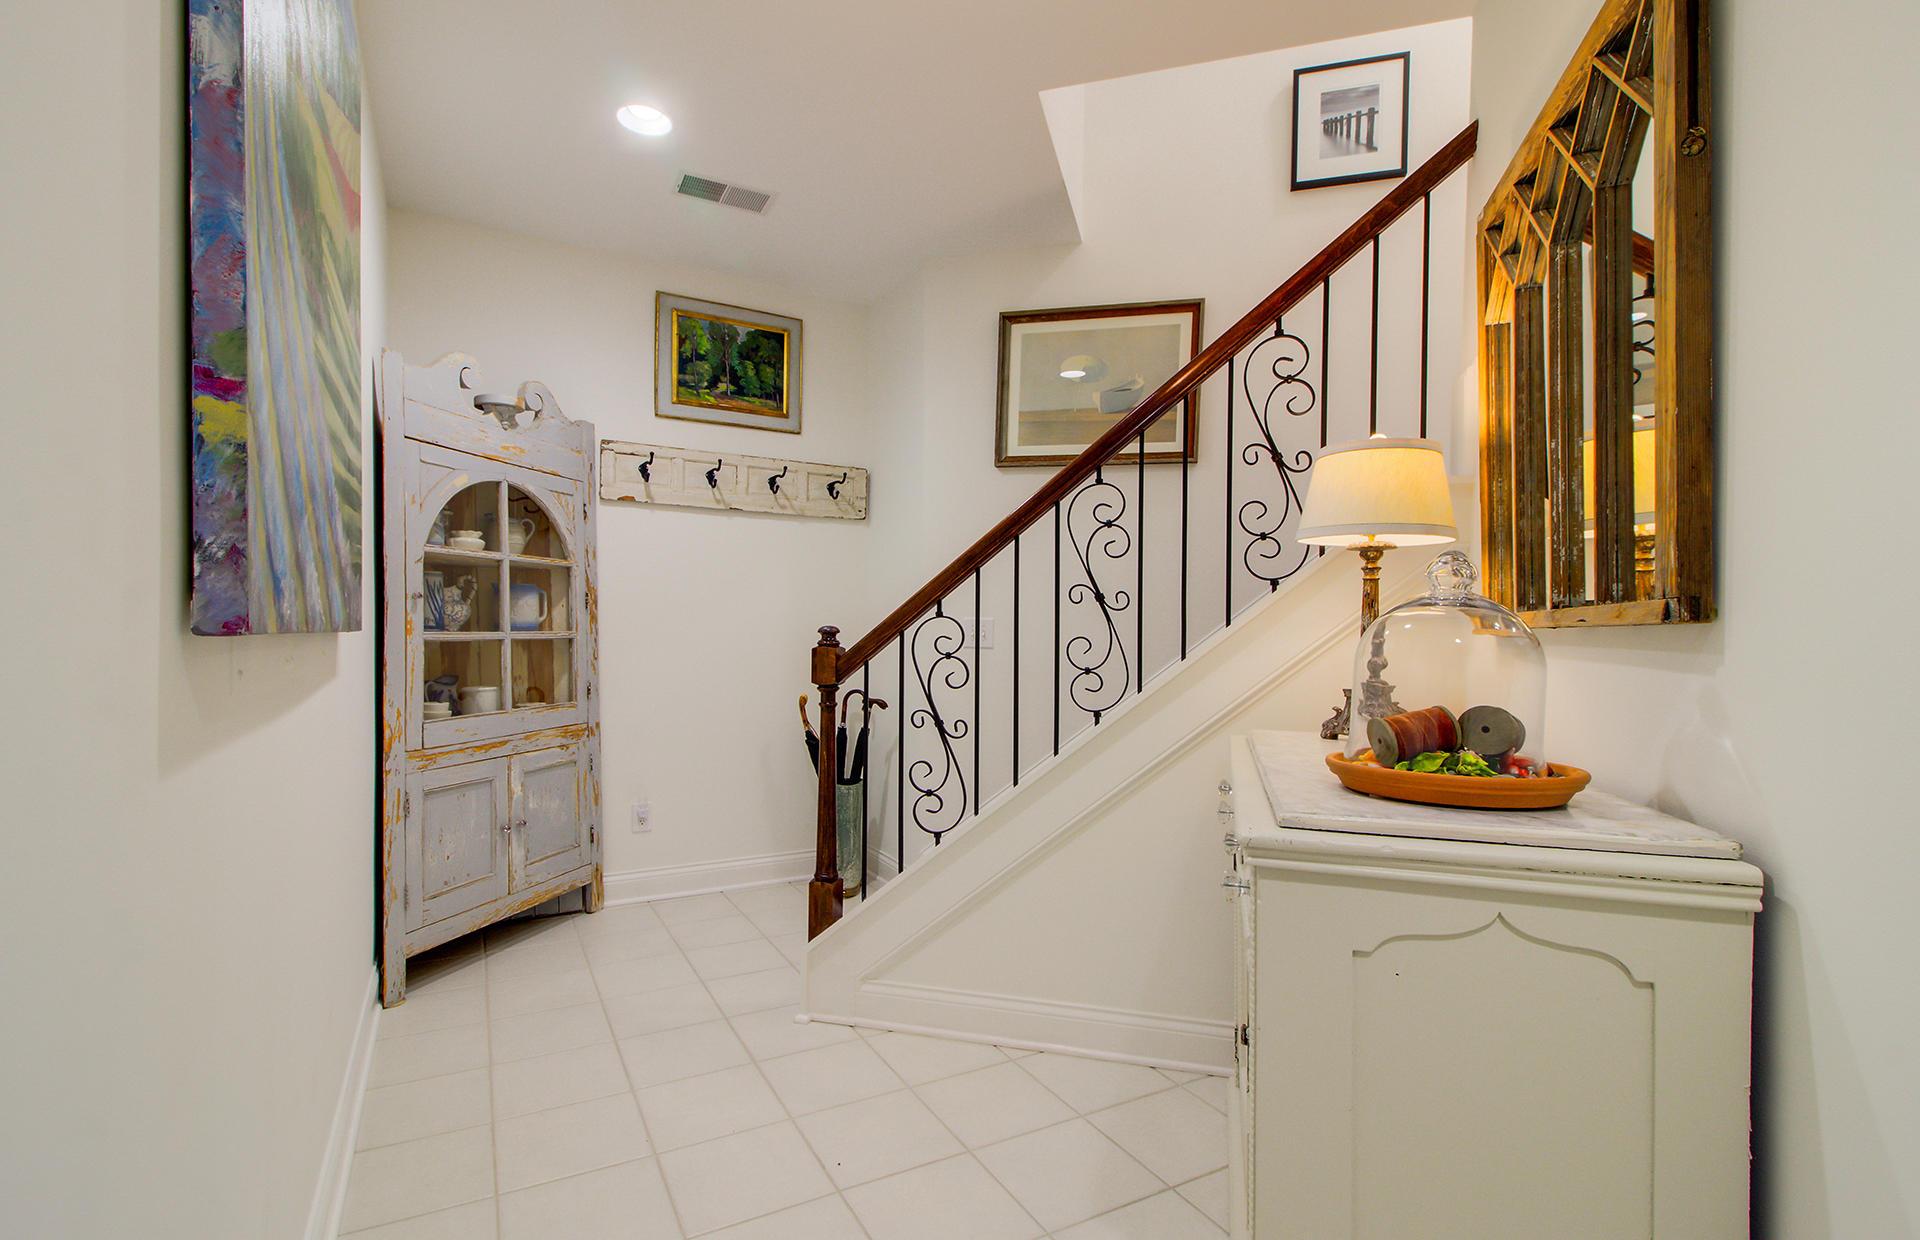 Dunes West Homes For Sale - 2913 Yachtsman, Mount Pleasant, SC - 3